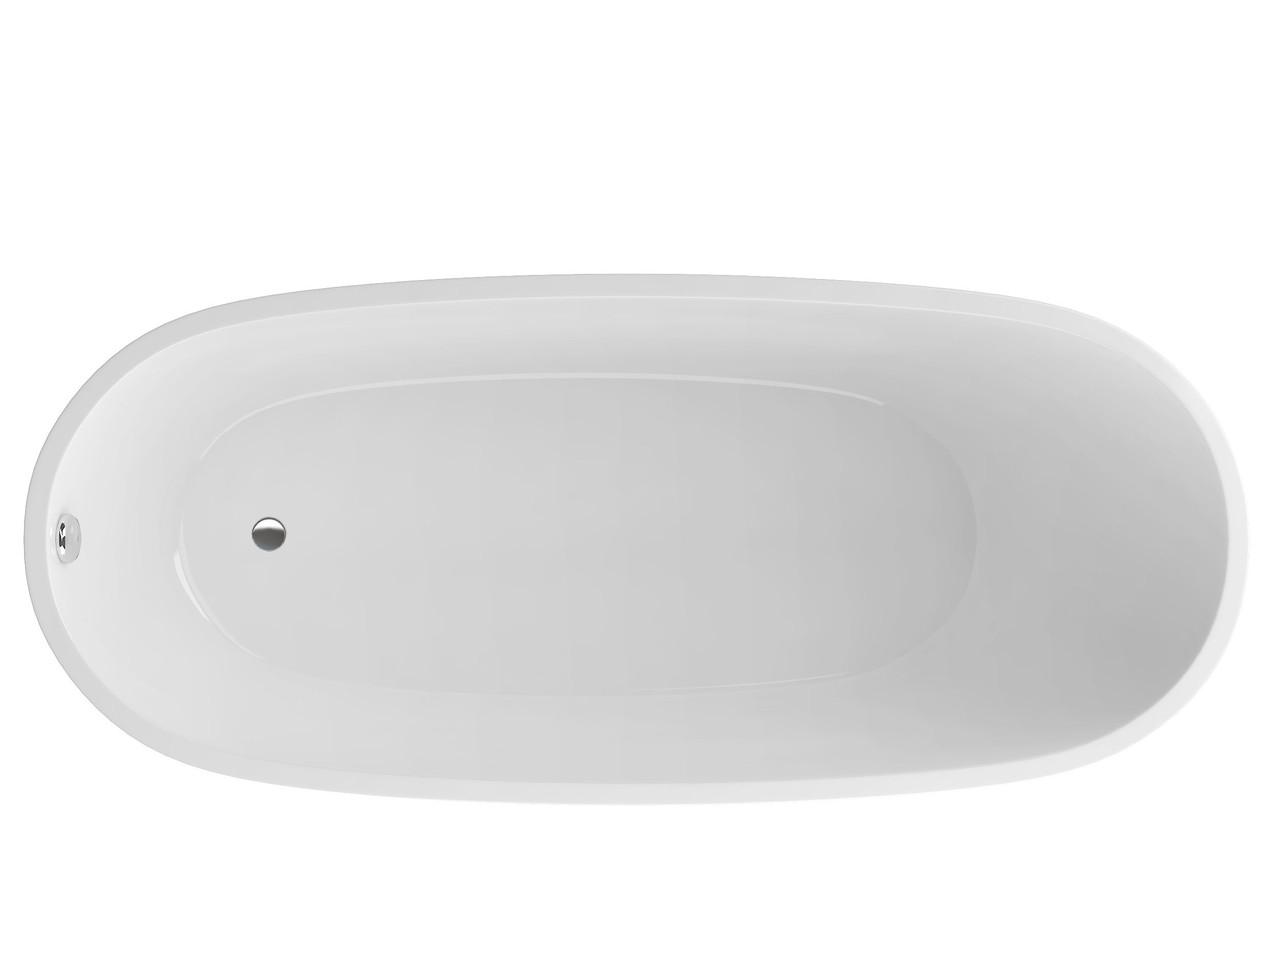 Ванна окремостояча Excellent Comfort+ 1750x780 мм (WAEX.CMP17WH)